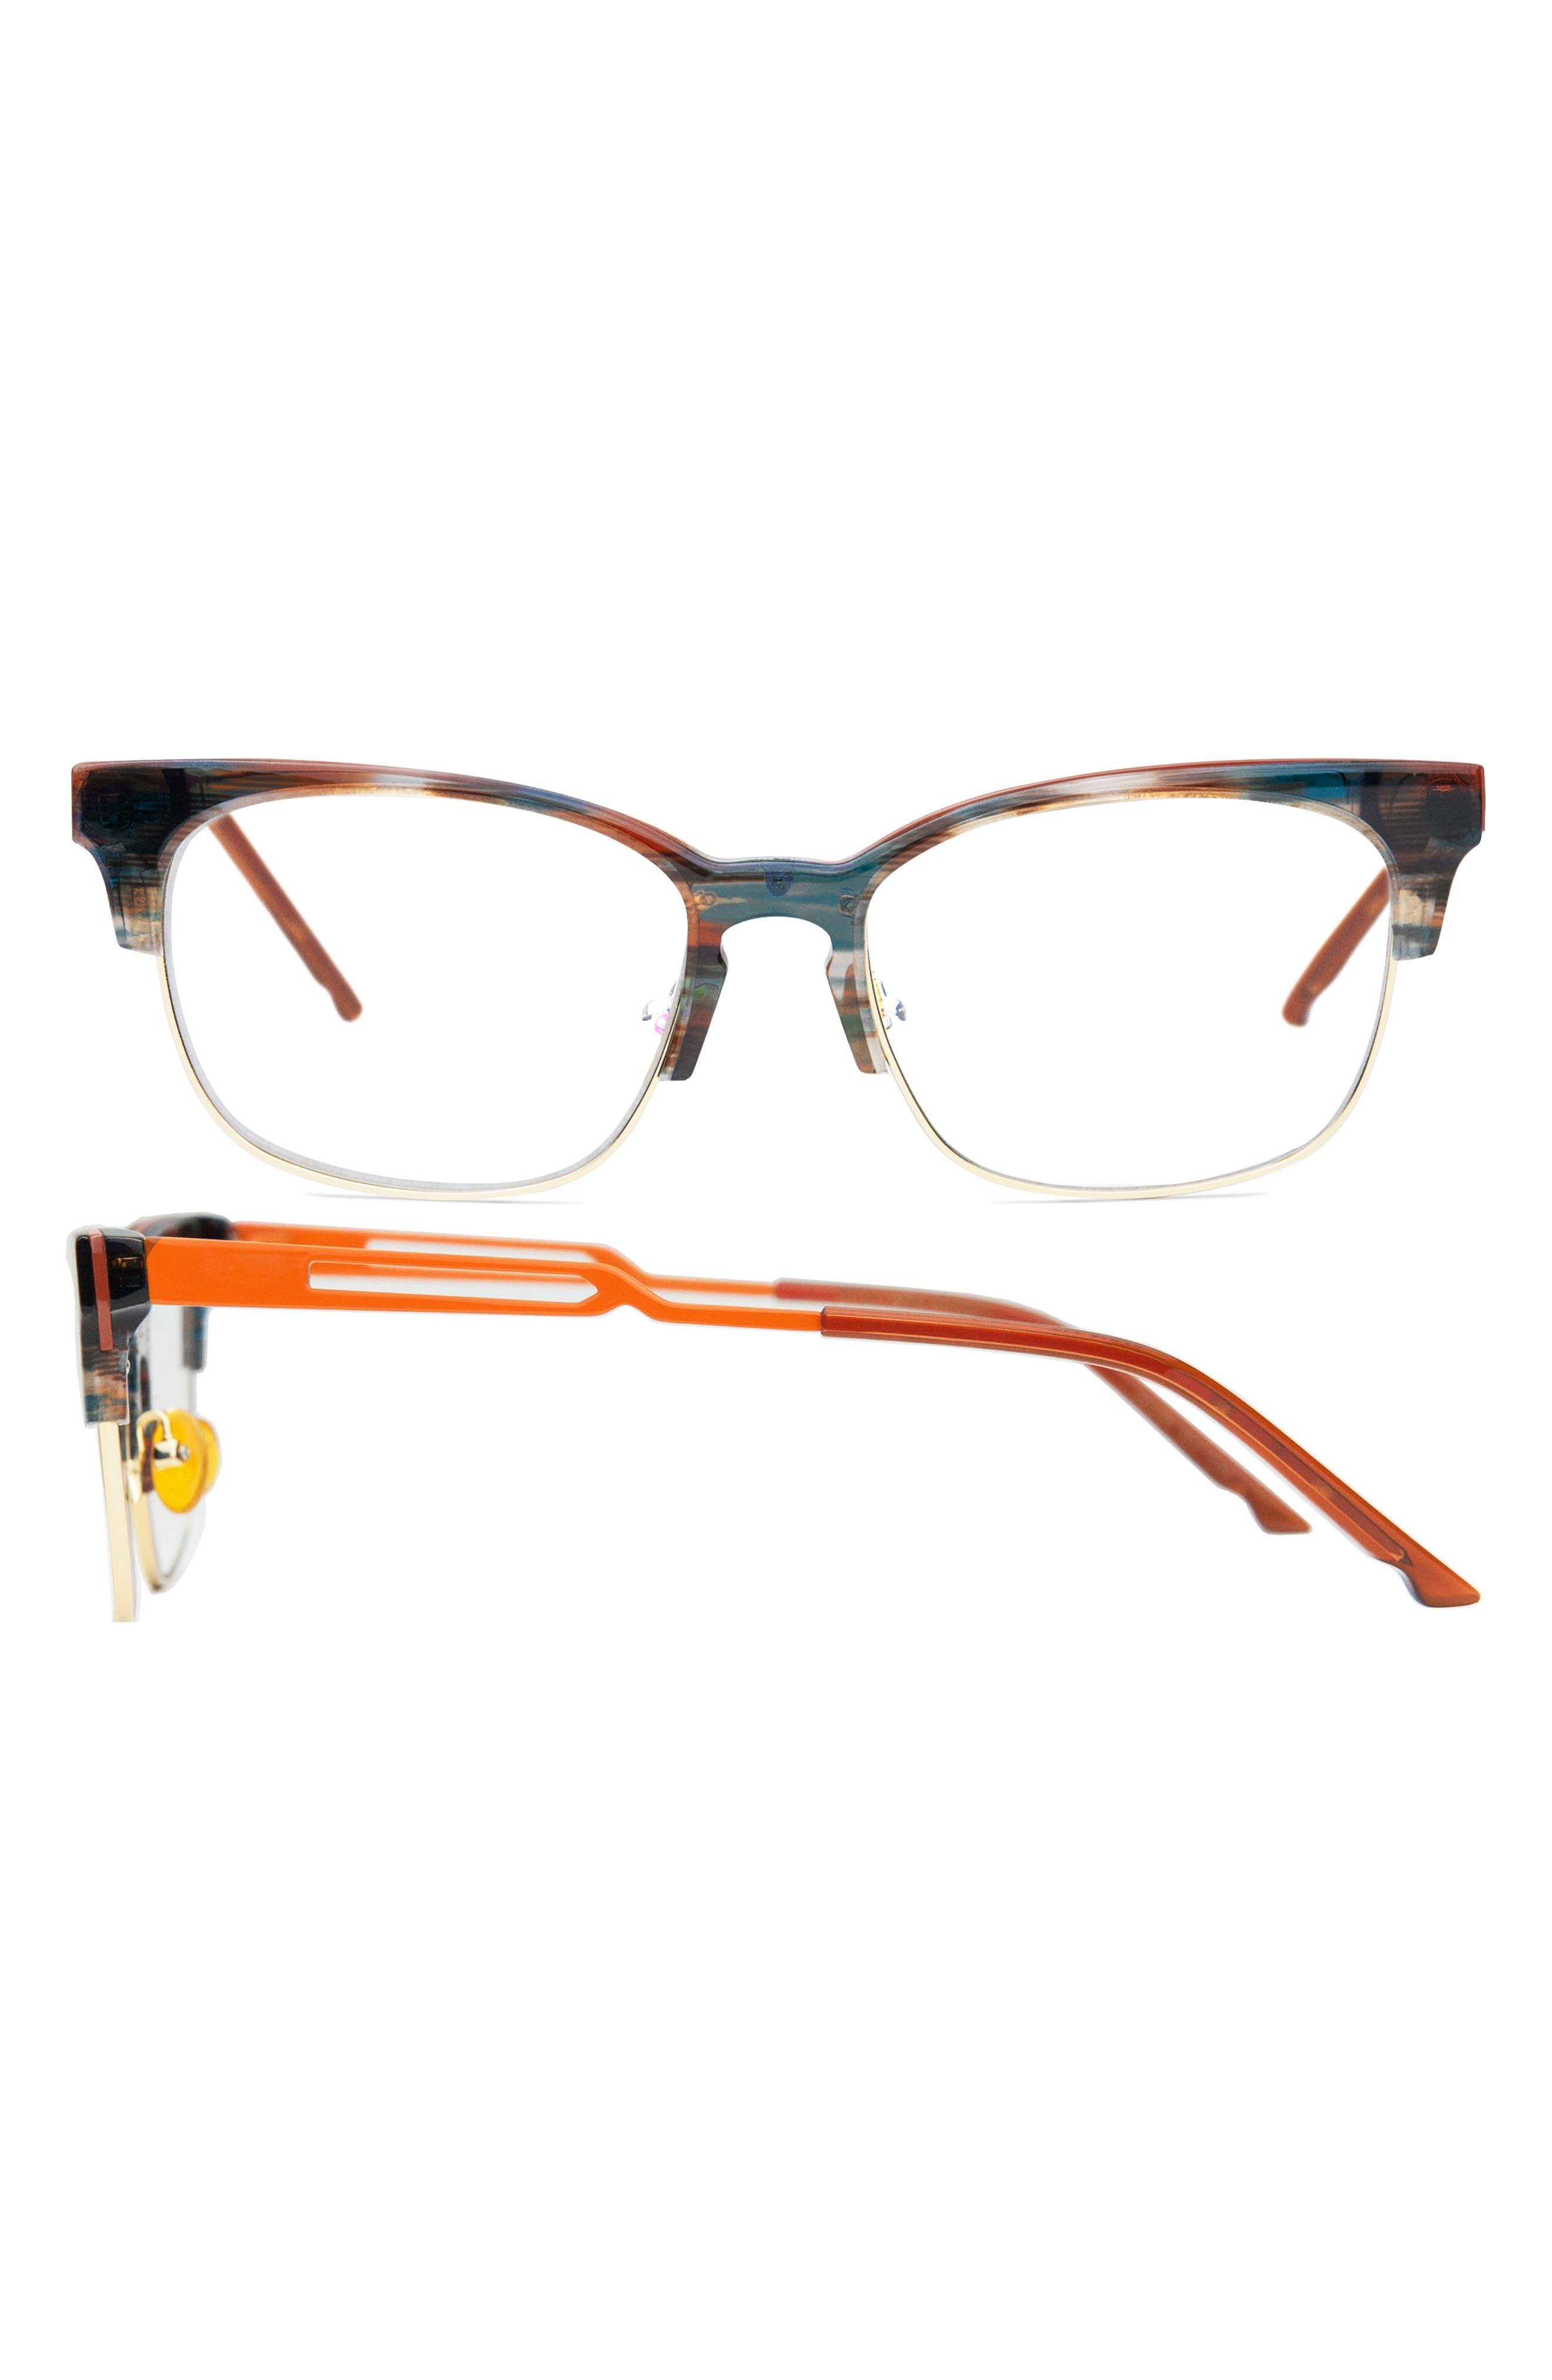 Covert 51mm Cat Eye Blue Light Blocking Glasses